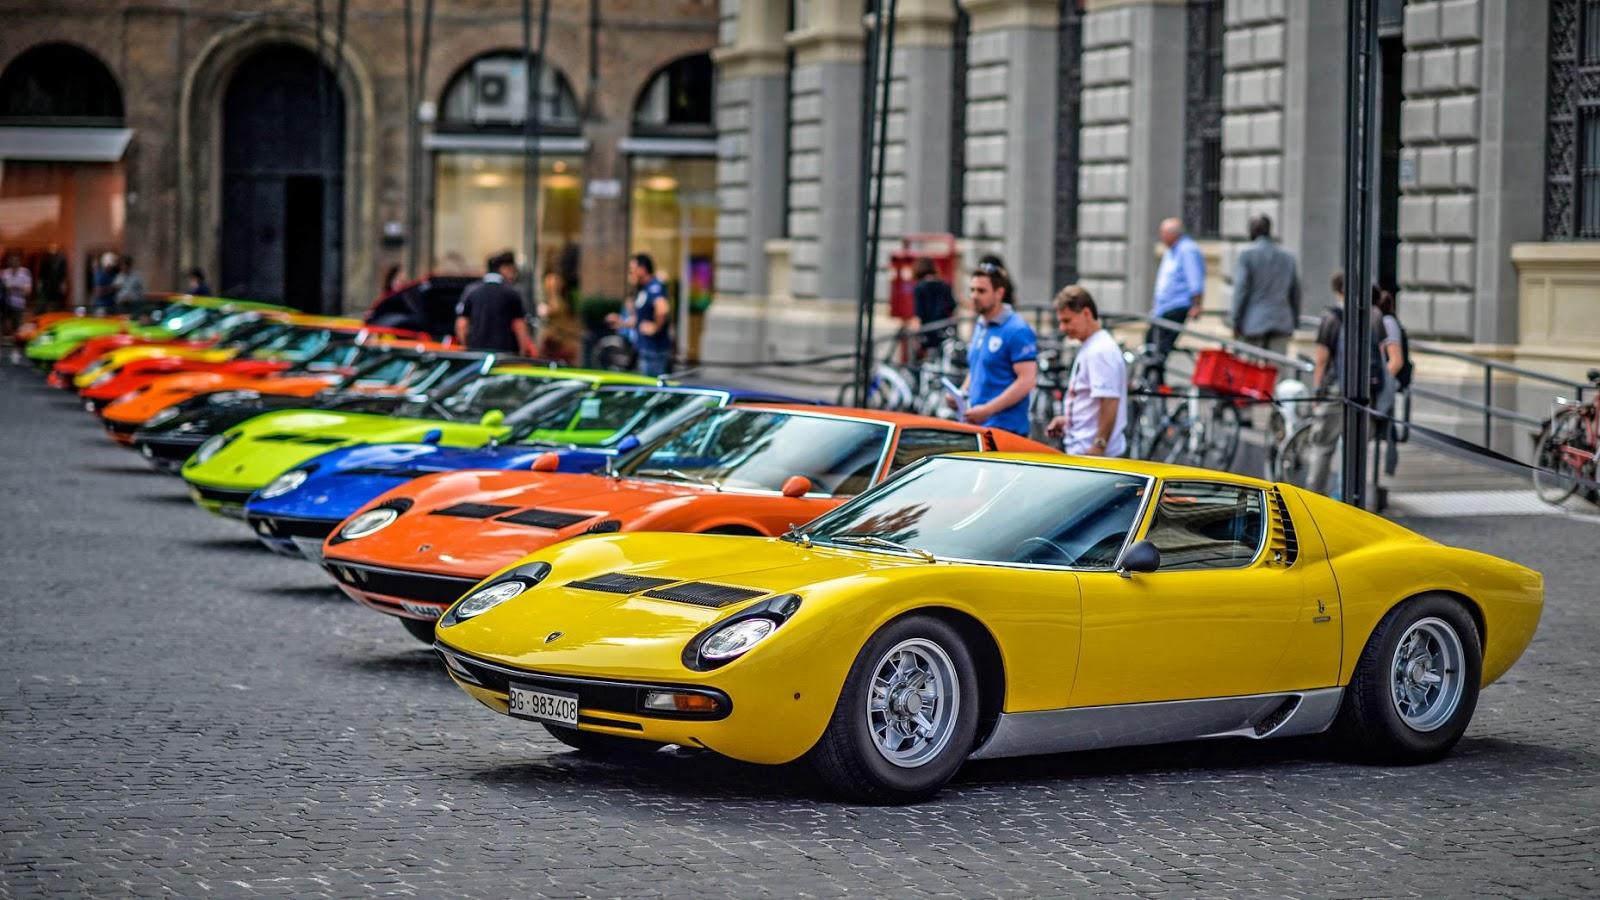 Lamborghini Miura là siêu xe đẹp nhất của Lamborghini từ trước đến nay